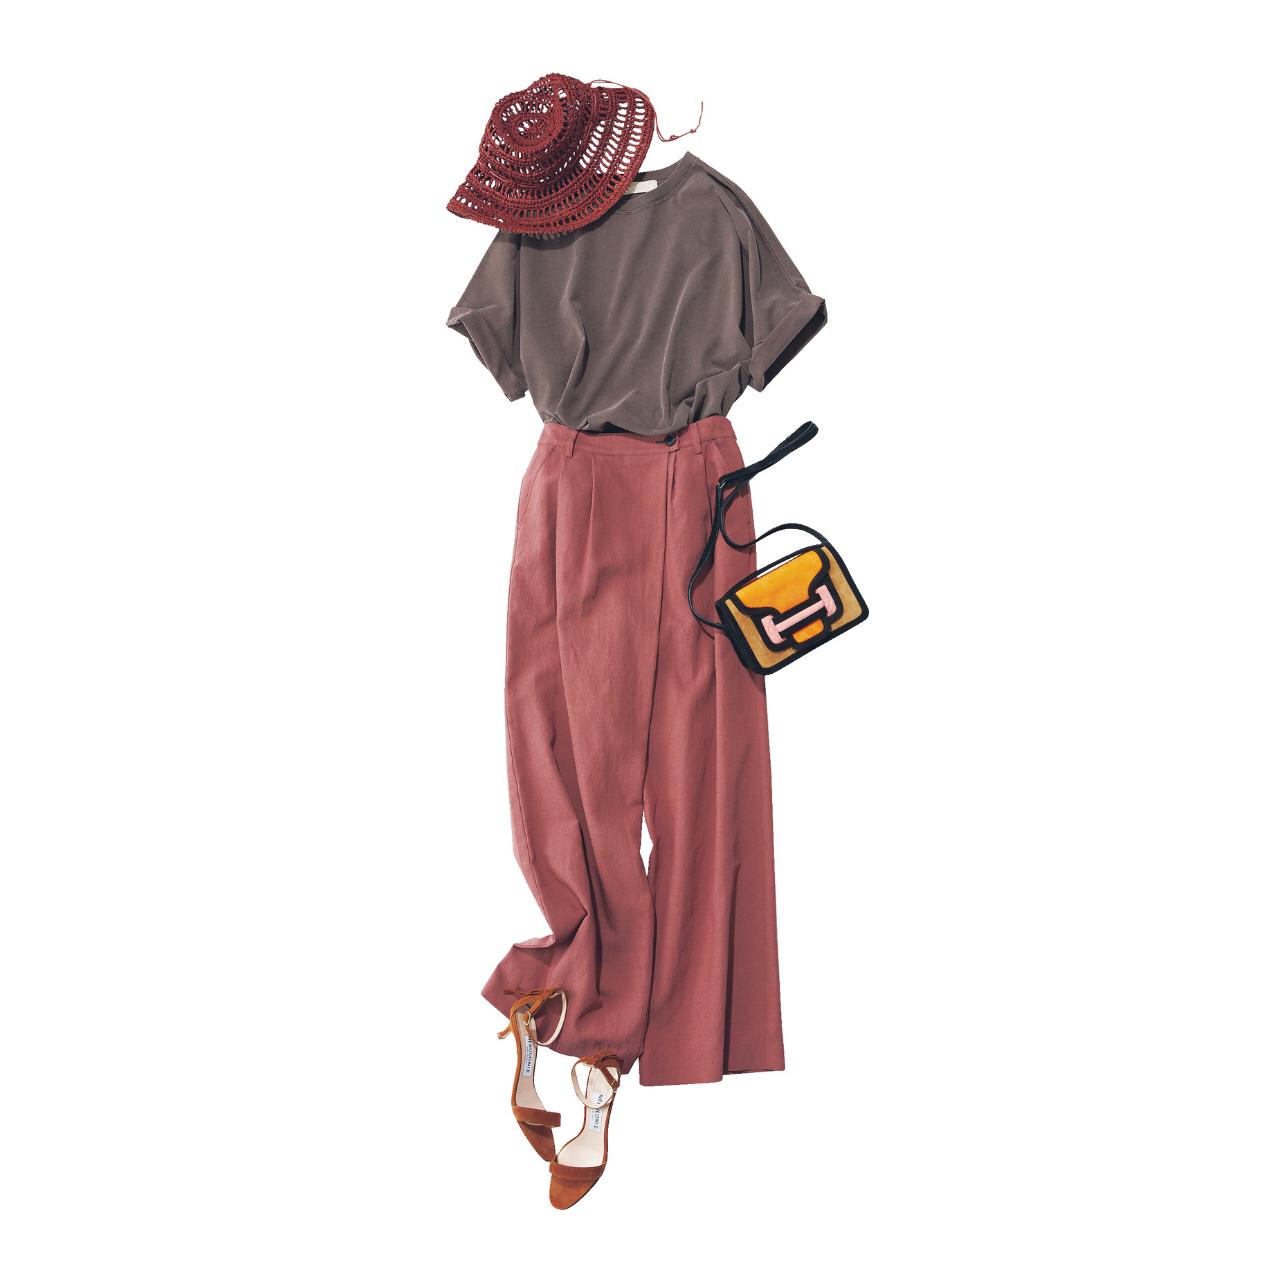 夏のブラウンで品よくこなれる! 大人のプチプラ高見えも叶えるブラウンコーデまとめ 40代ファッション_1_8